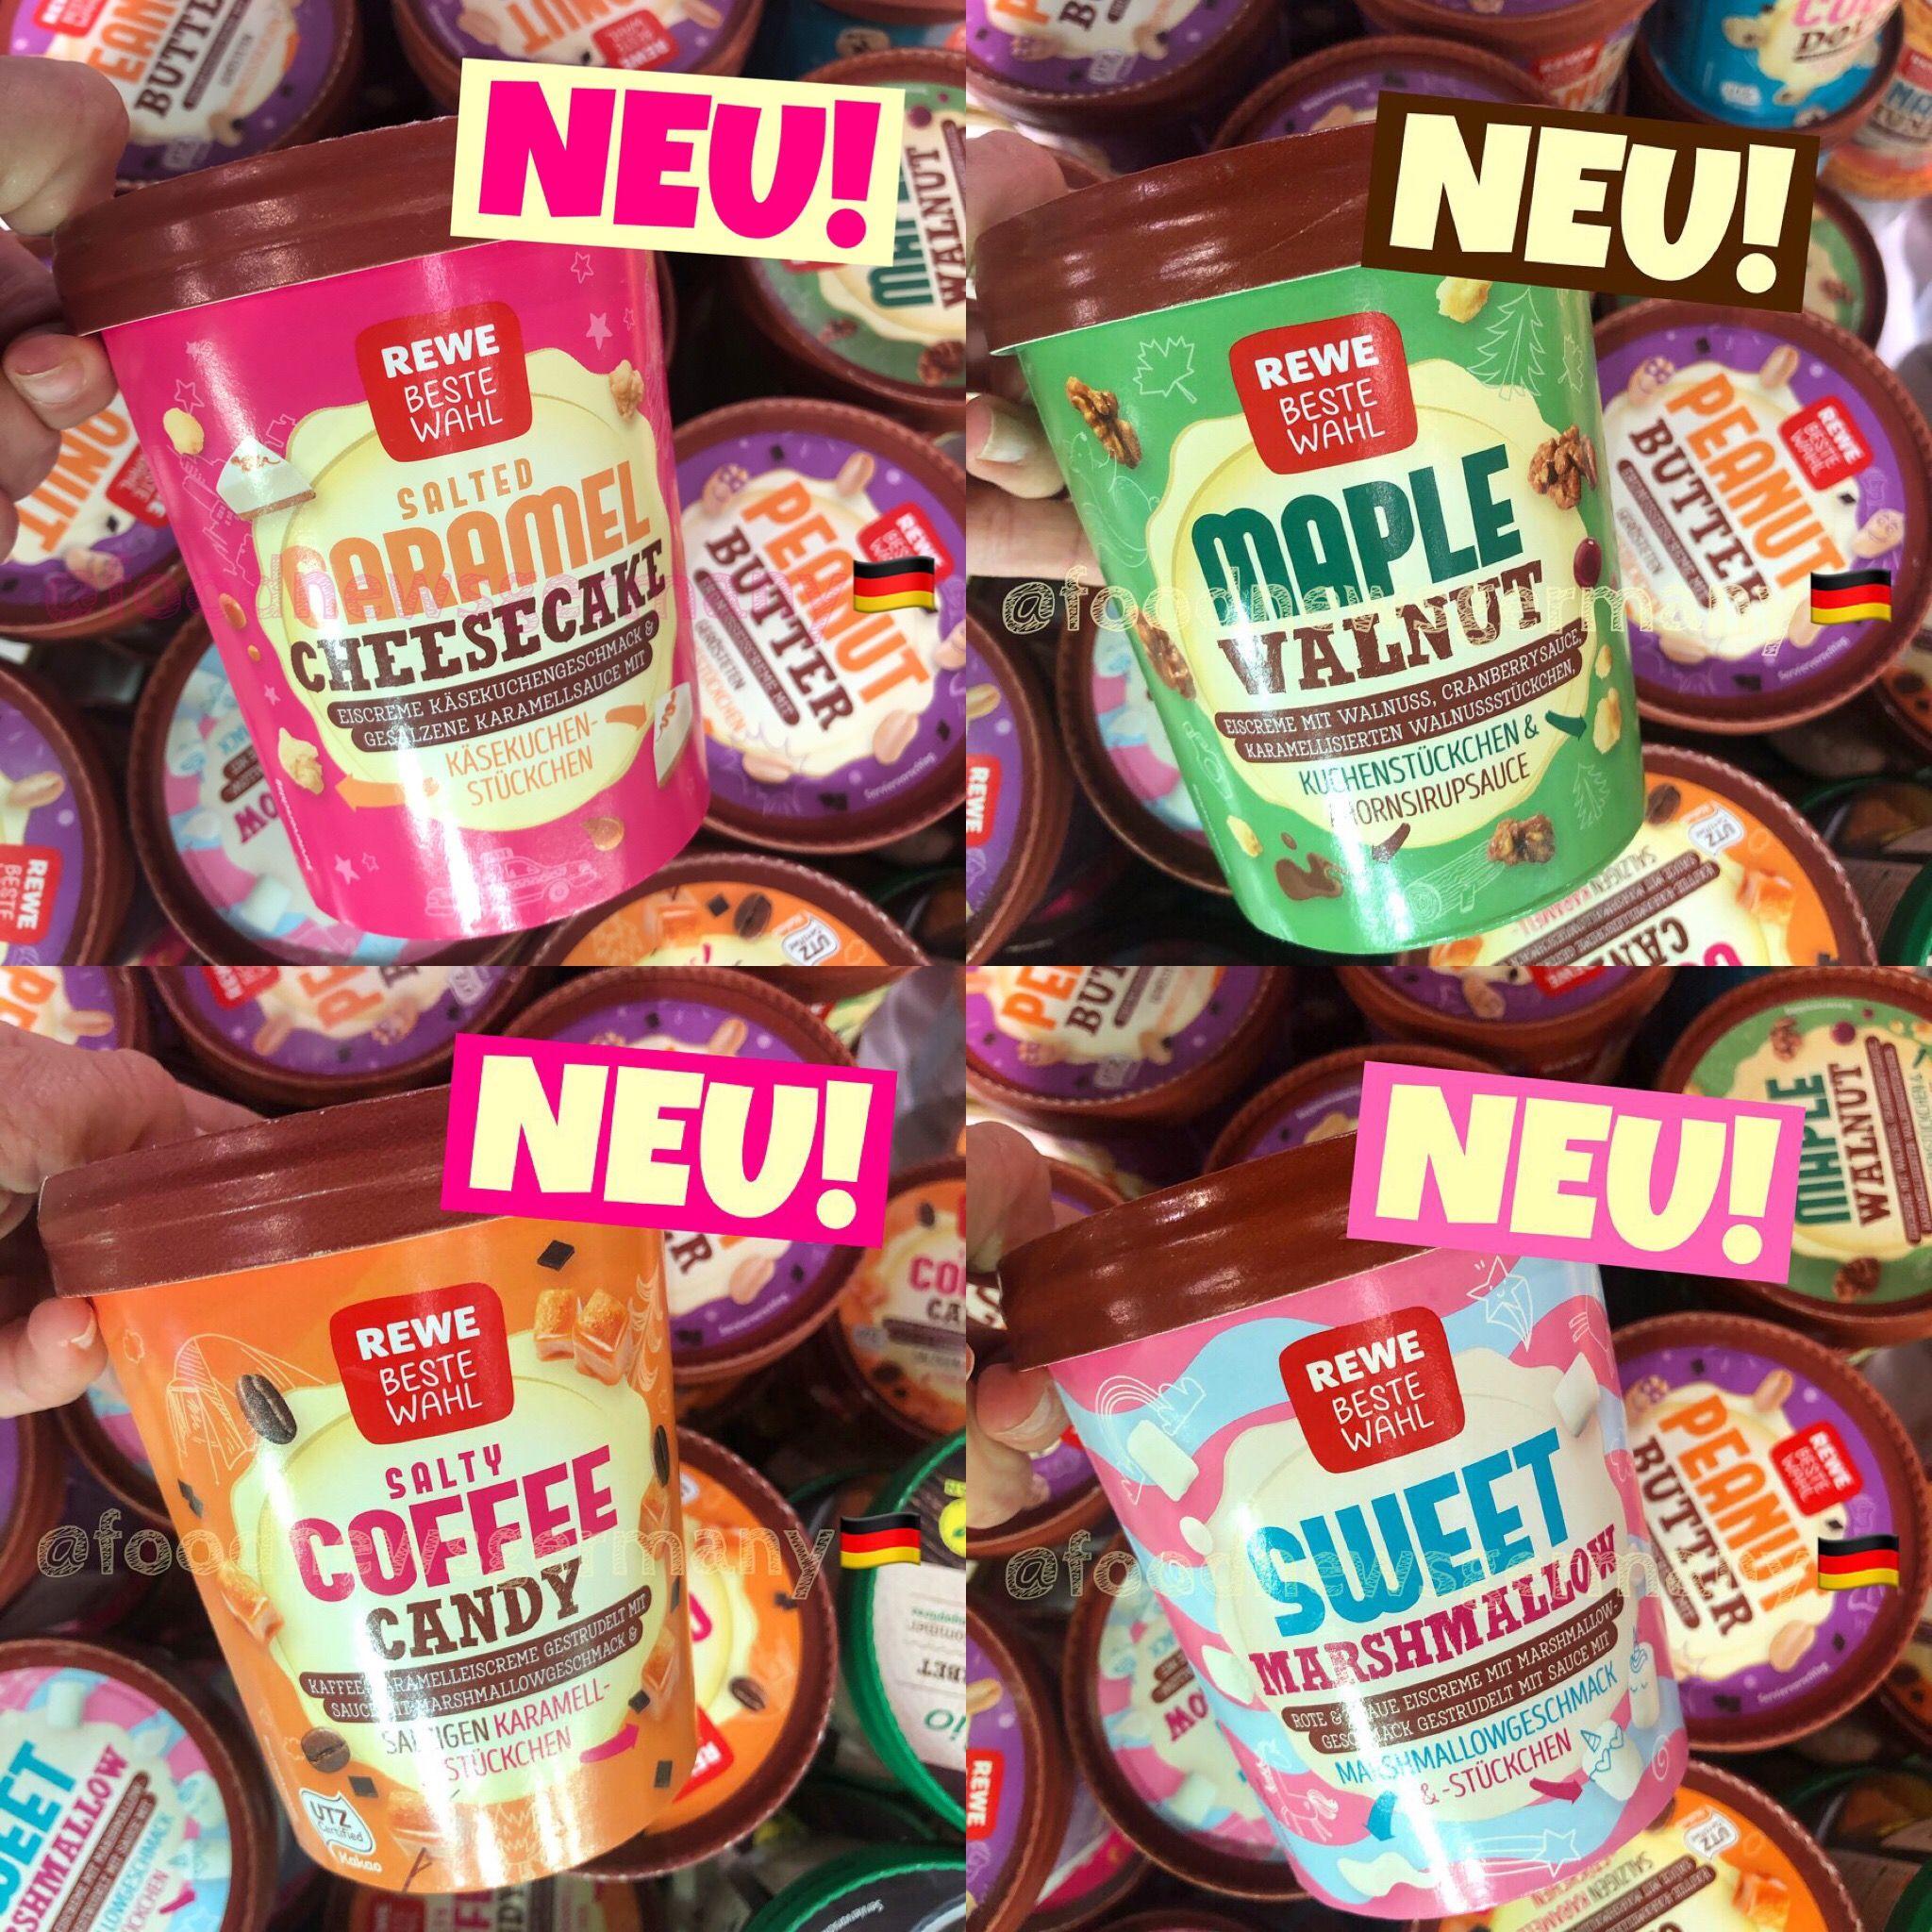 REWE BESTE WAHL. Neu im Supermarkt, neu im Laden, foodnews